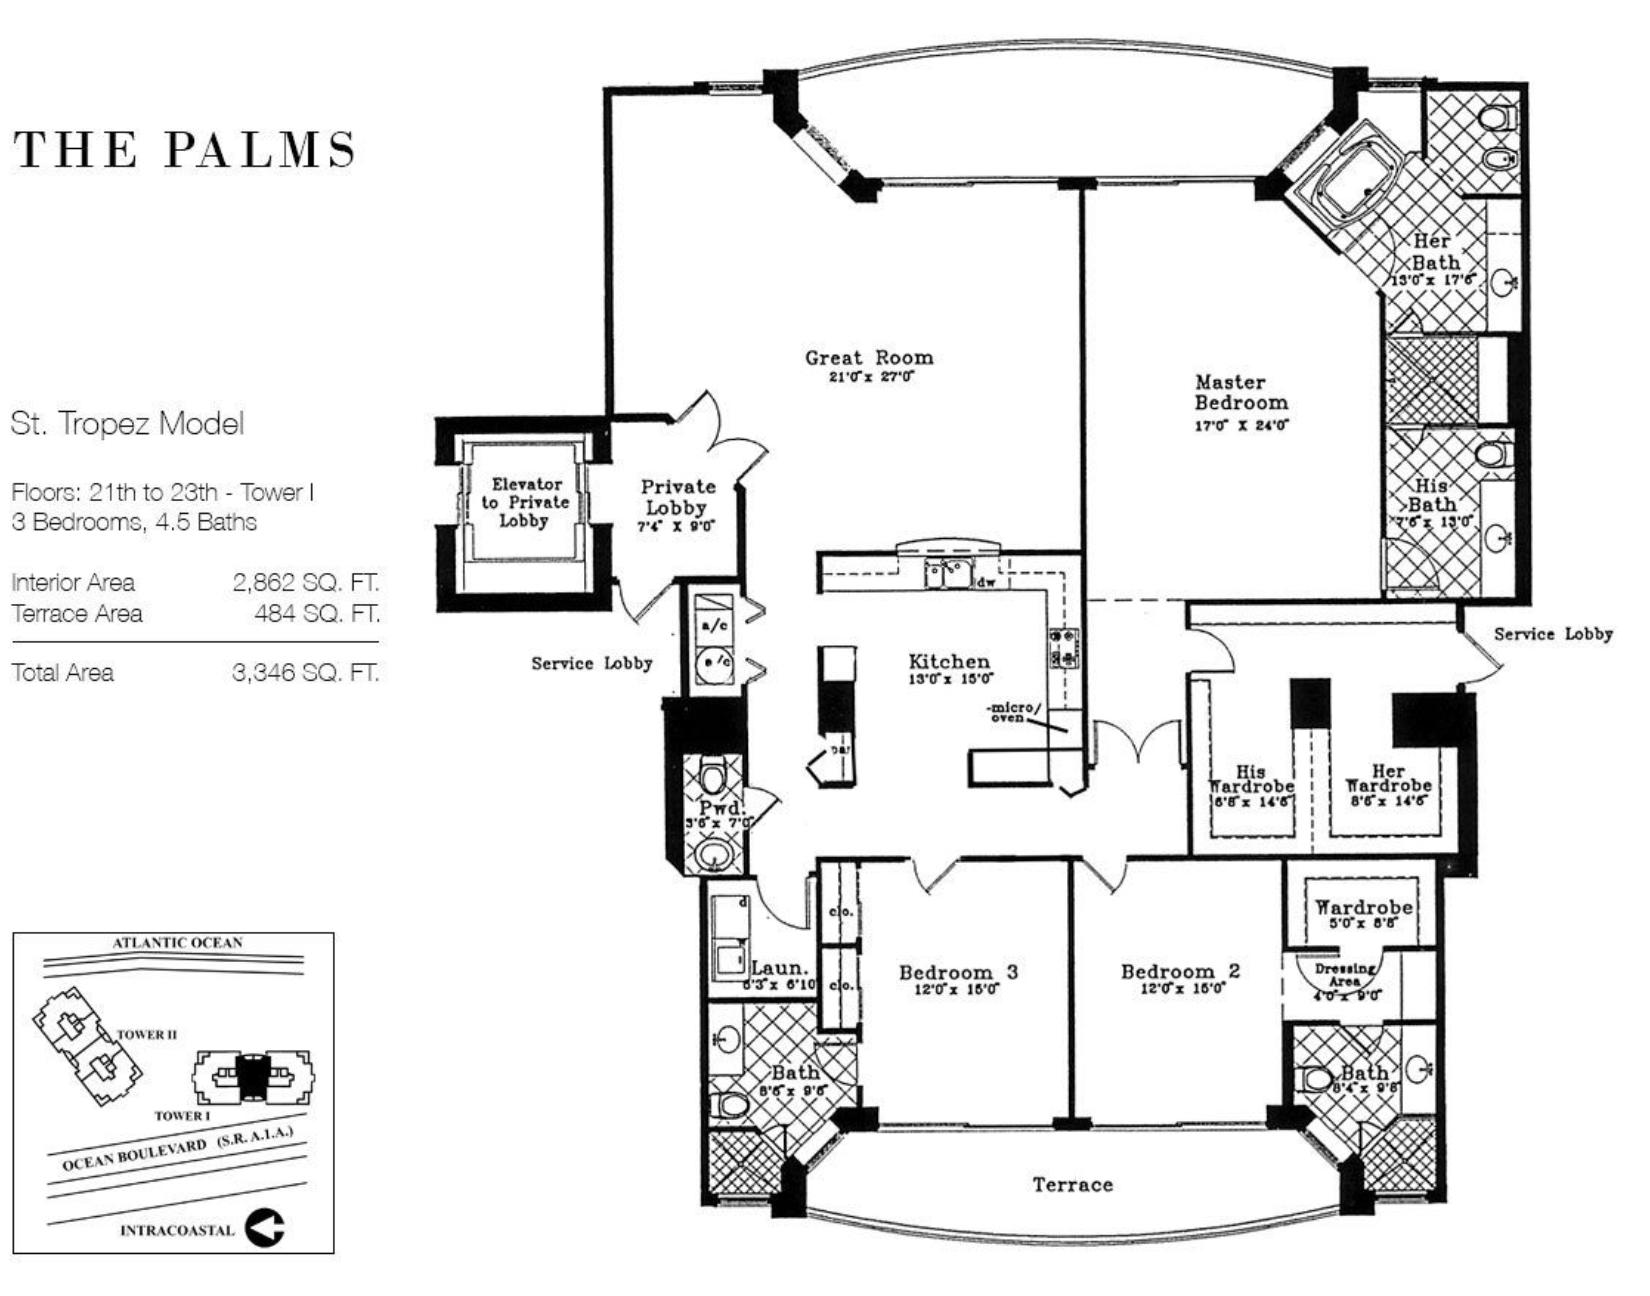 The Palms Fort Lauderdale | Floor Plan St Tropez